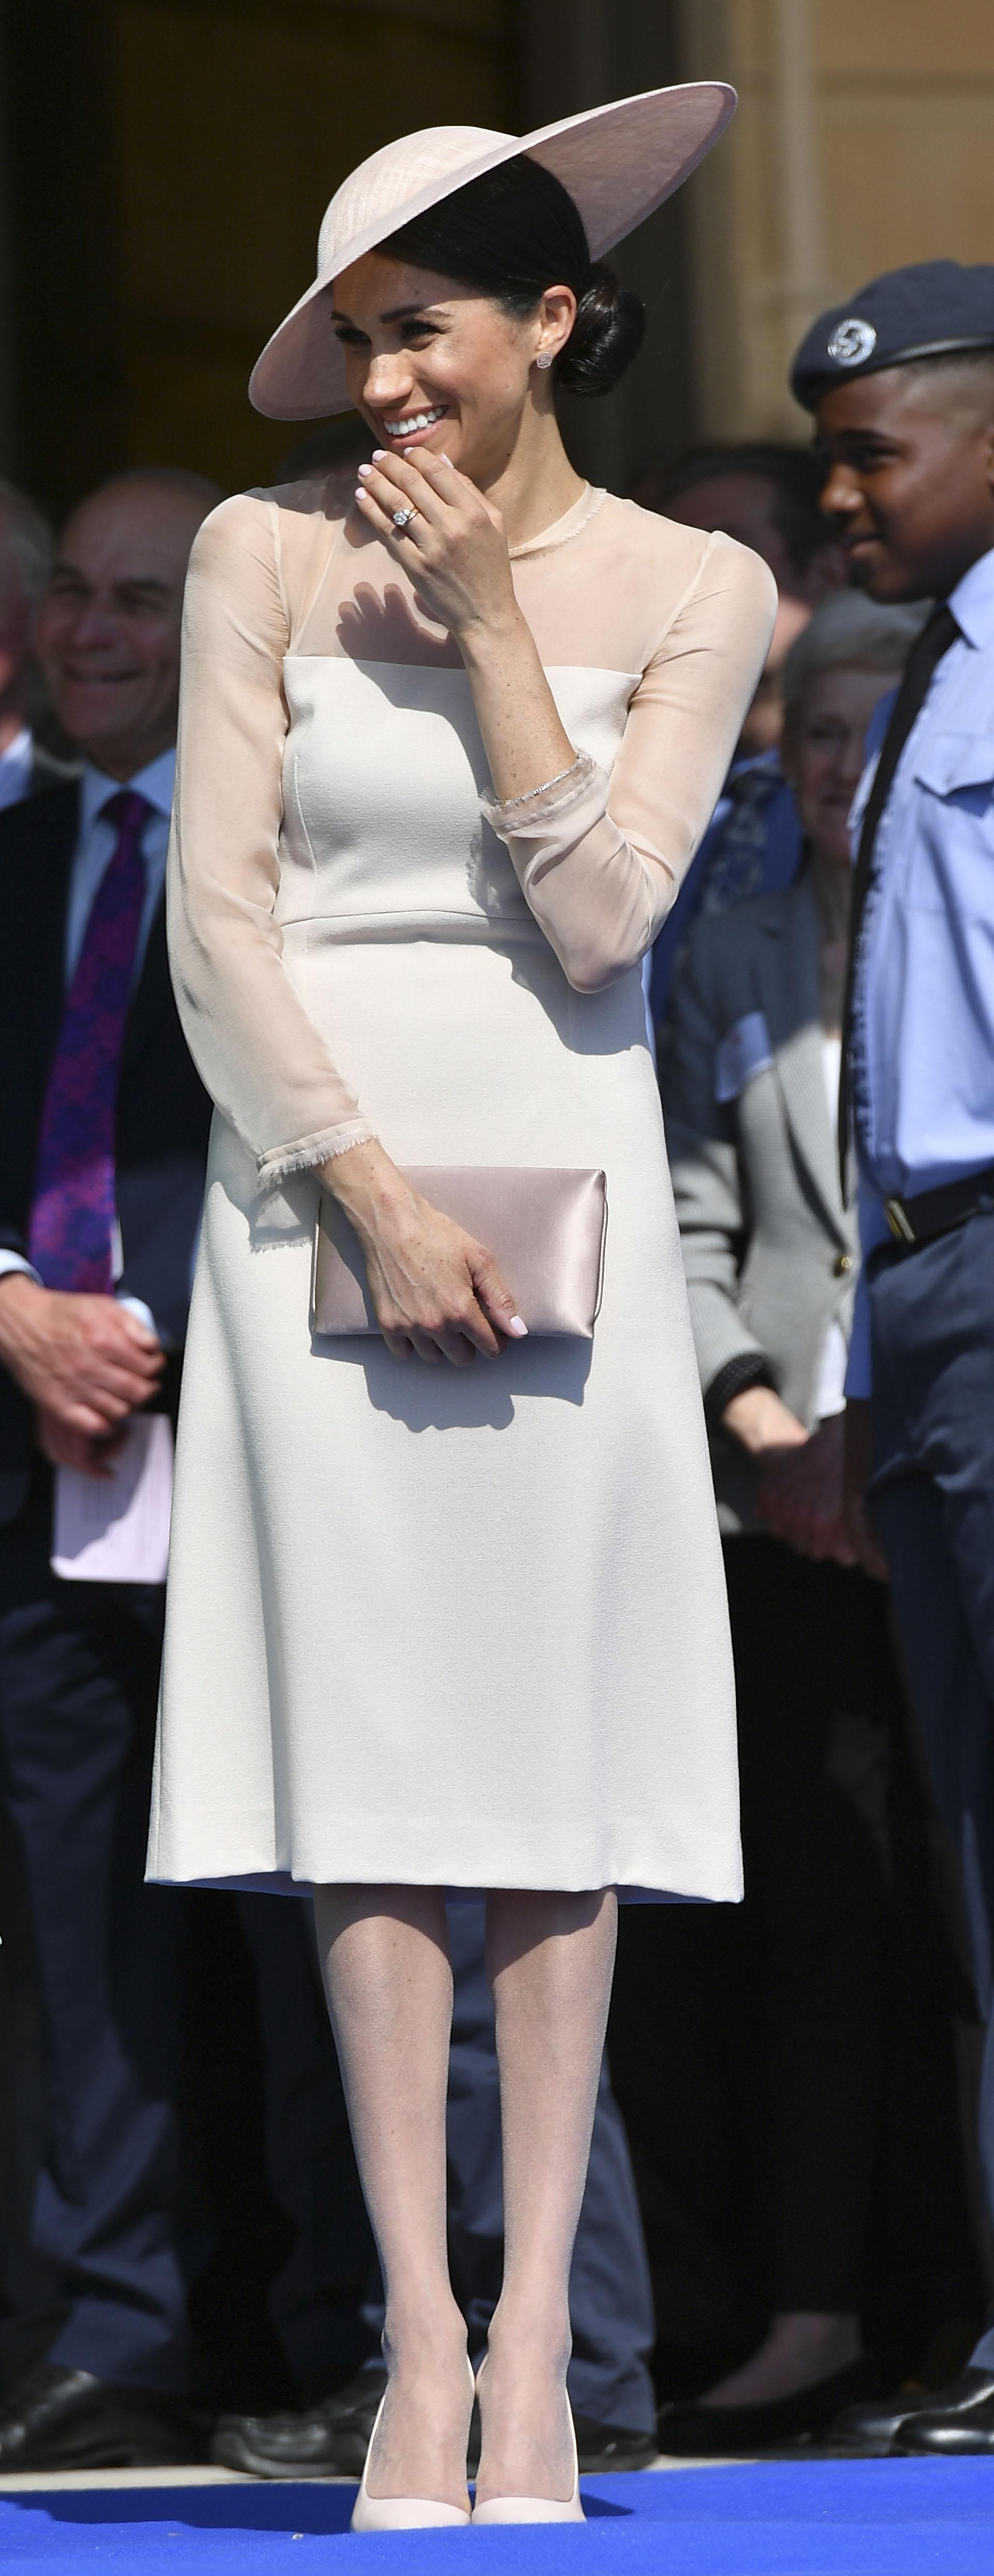 La transformación de estilo quedó evidenciada. Siguiendo la línea protocolar, la nueva integrante de la corona británica optó por un look sobrio. Un vestido de mangas largas con transparencias en tono rosa empolvado de la firma Goat. La falda pasando la rodilla y medias largas para tapar las piernas.